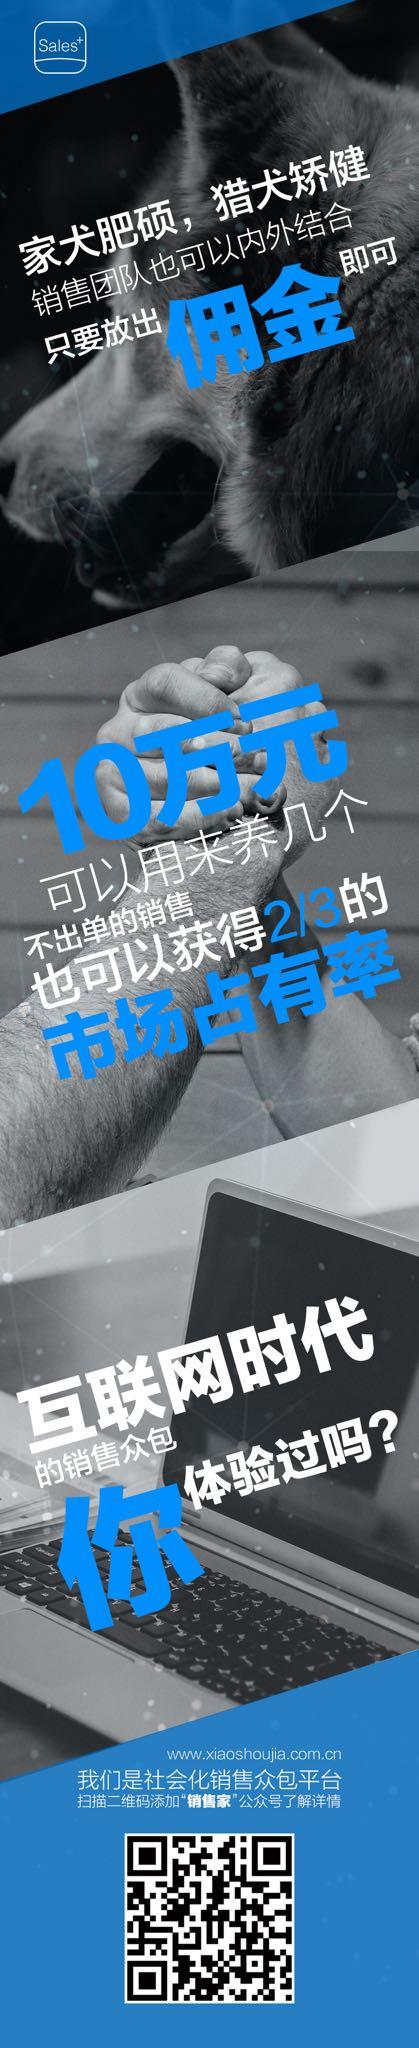 来自蒲世林发布的商务合作信息:销售家首创的社会化销售众包服务已帮助数百... - 北京销冠科技有限公司